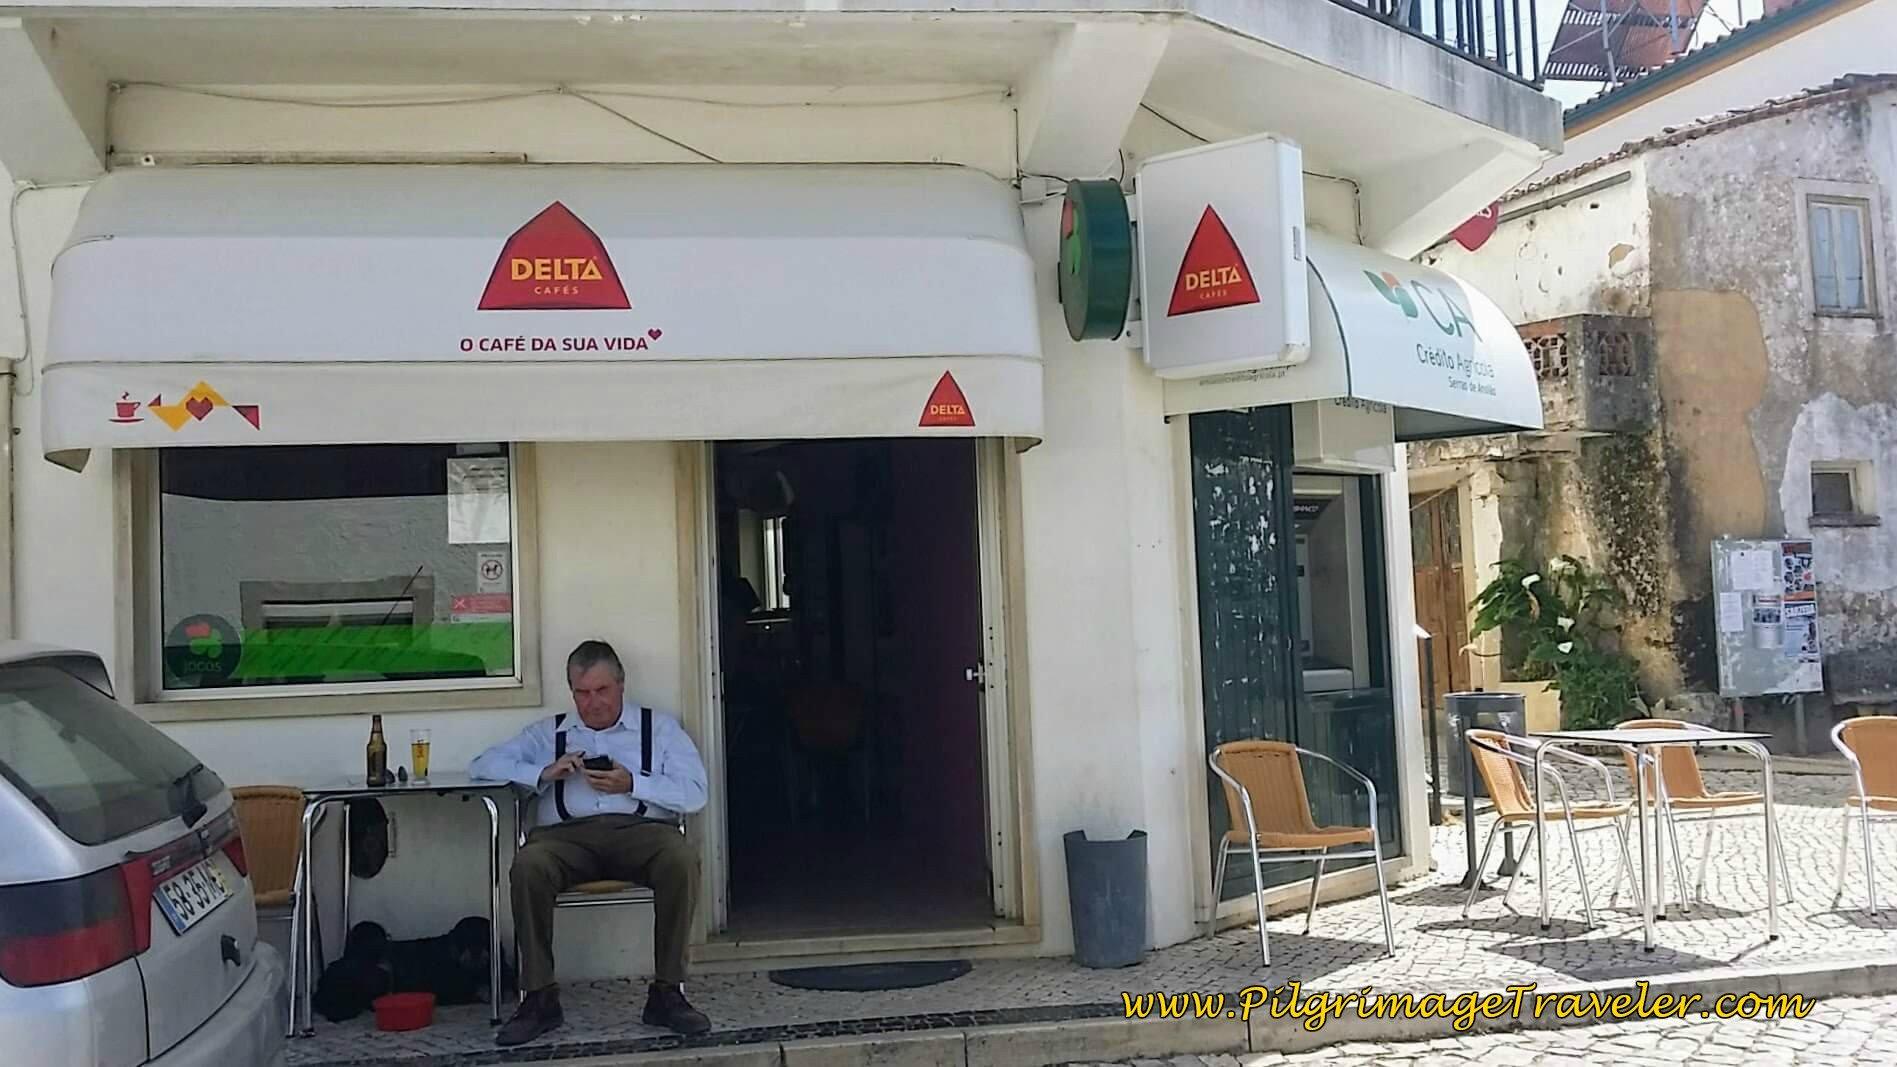 O Café da Sua Vida, Alvorge, Portugal